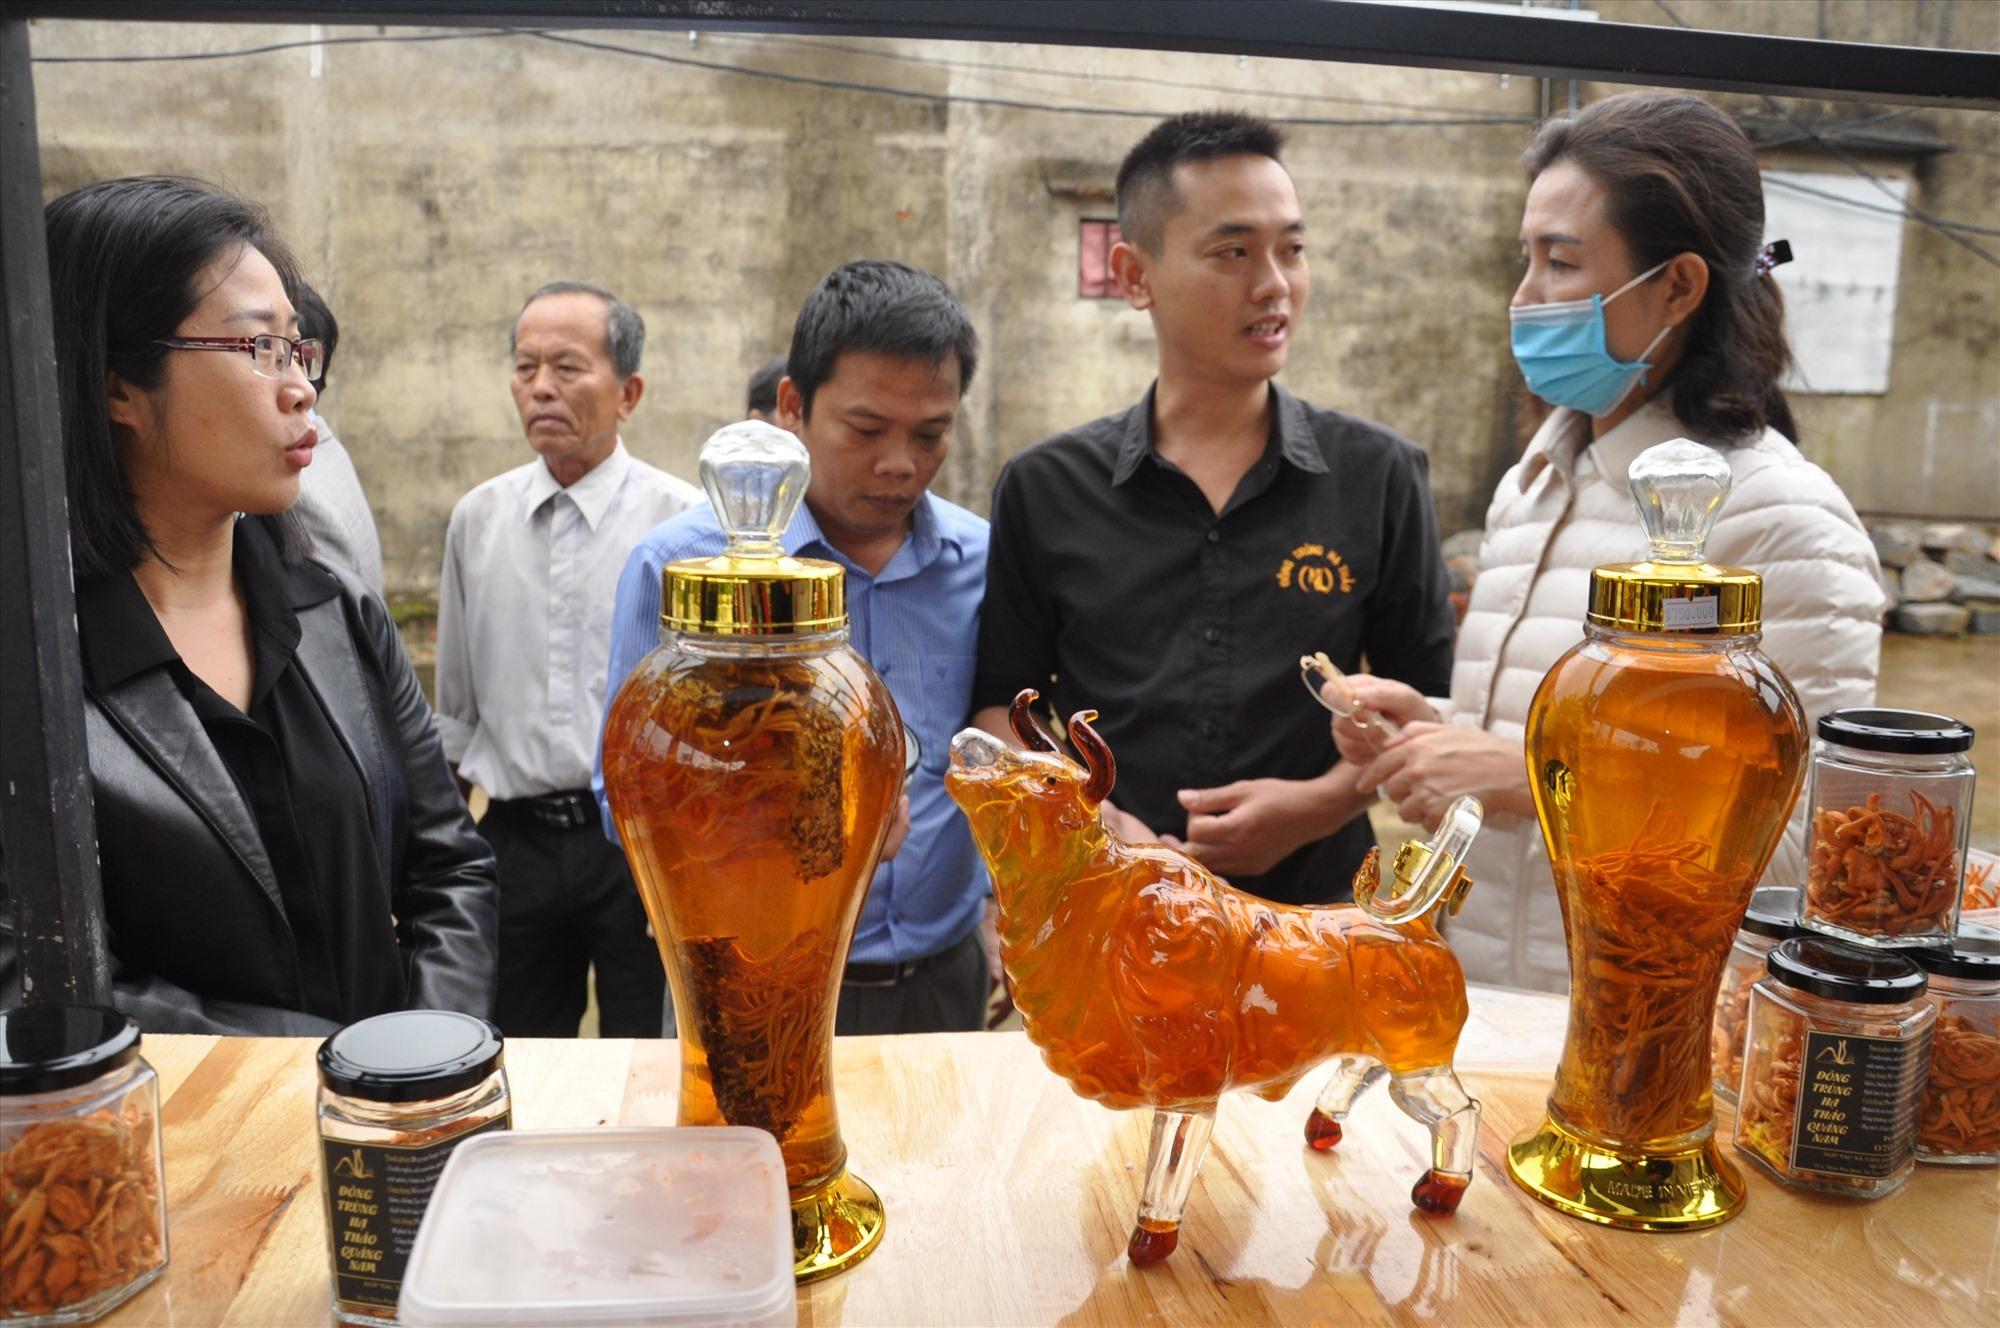 Sản phẩm nấm đông trùng hạ thảo của hợp tác xã Tam Phú thu hút nhiều người quan tâm. Ảnh: X.P